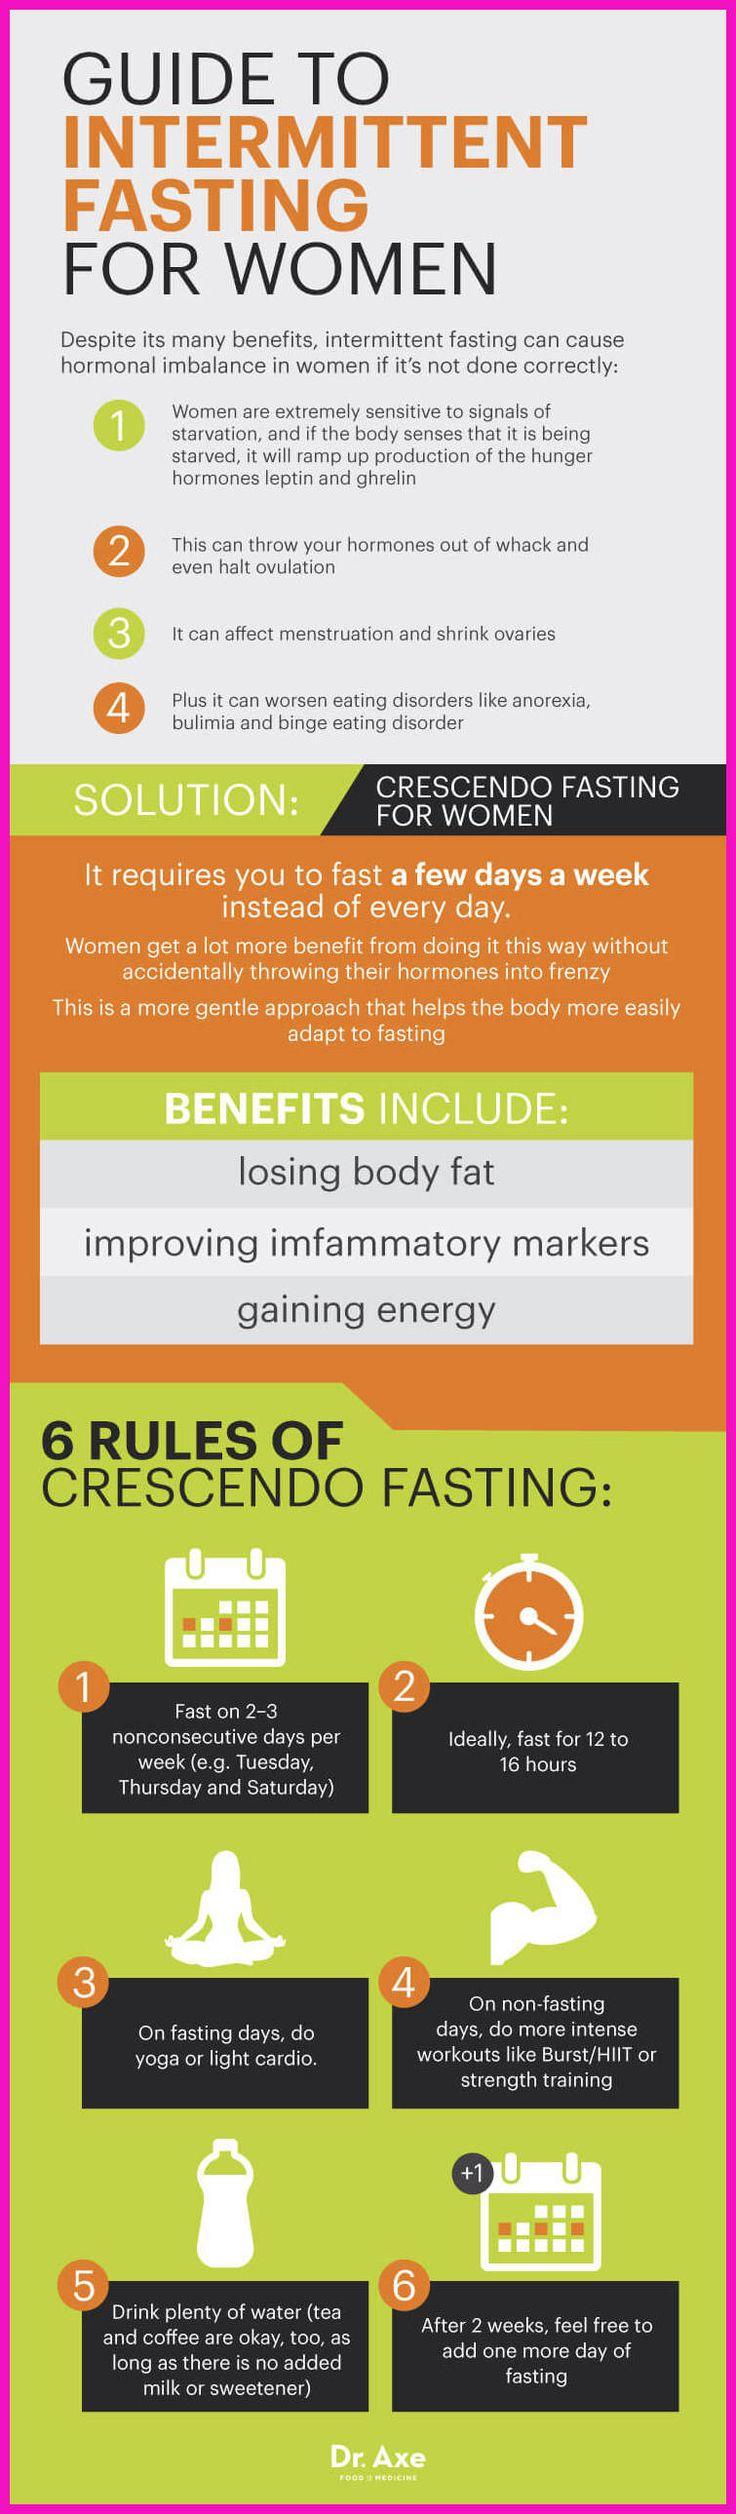 Mfp weight loss method